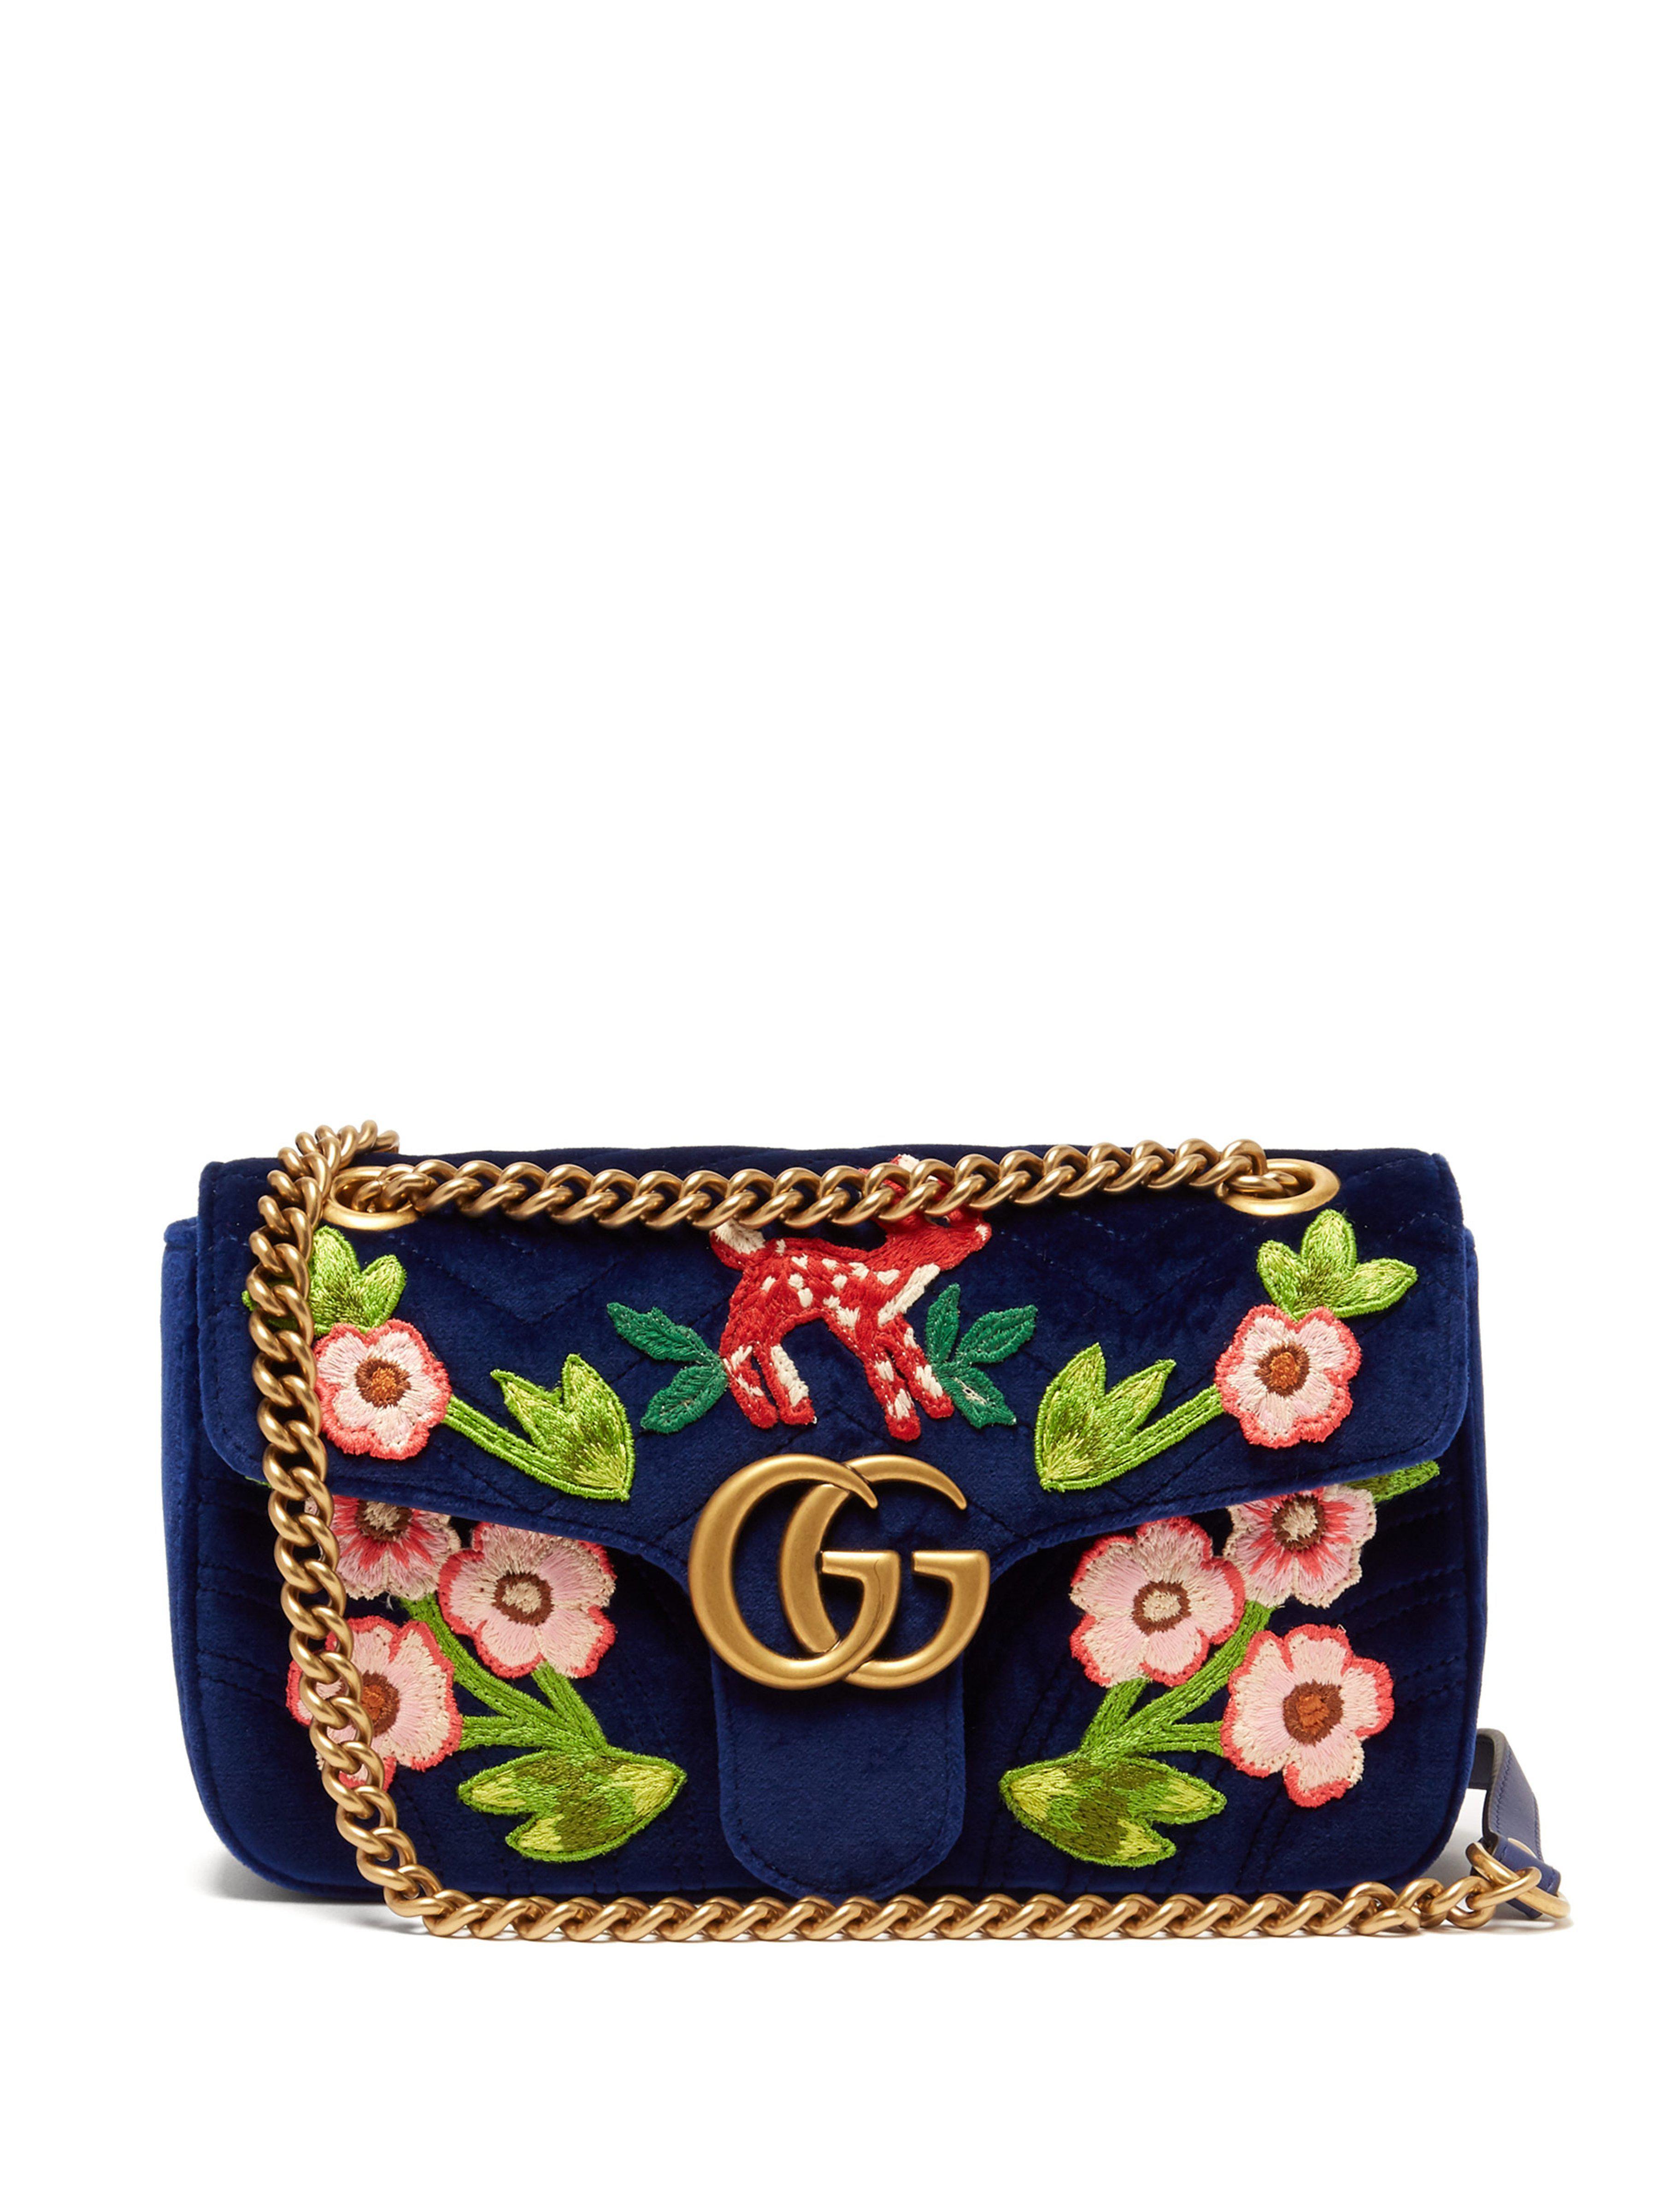 d46858b601fcc Gucci Gg Marmont Embroidered Velvet Shoulder Bag in Blue - Lyst